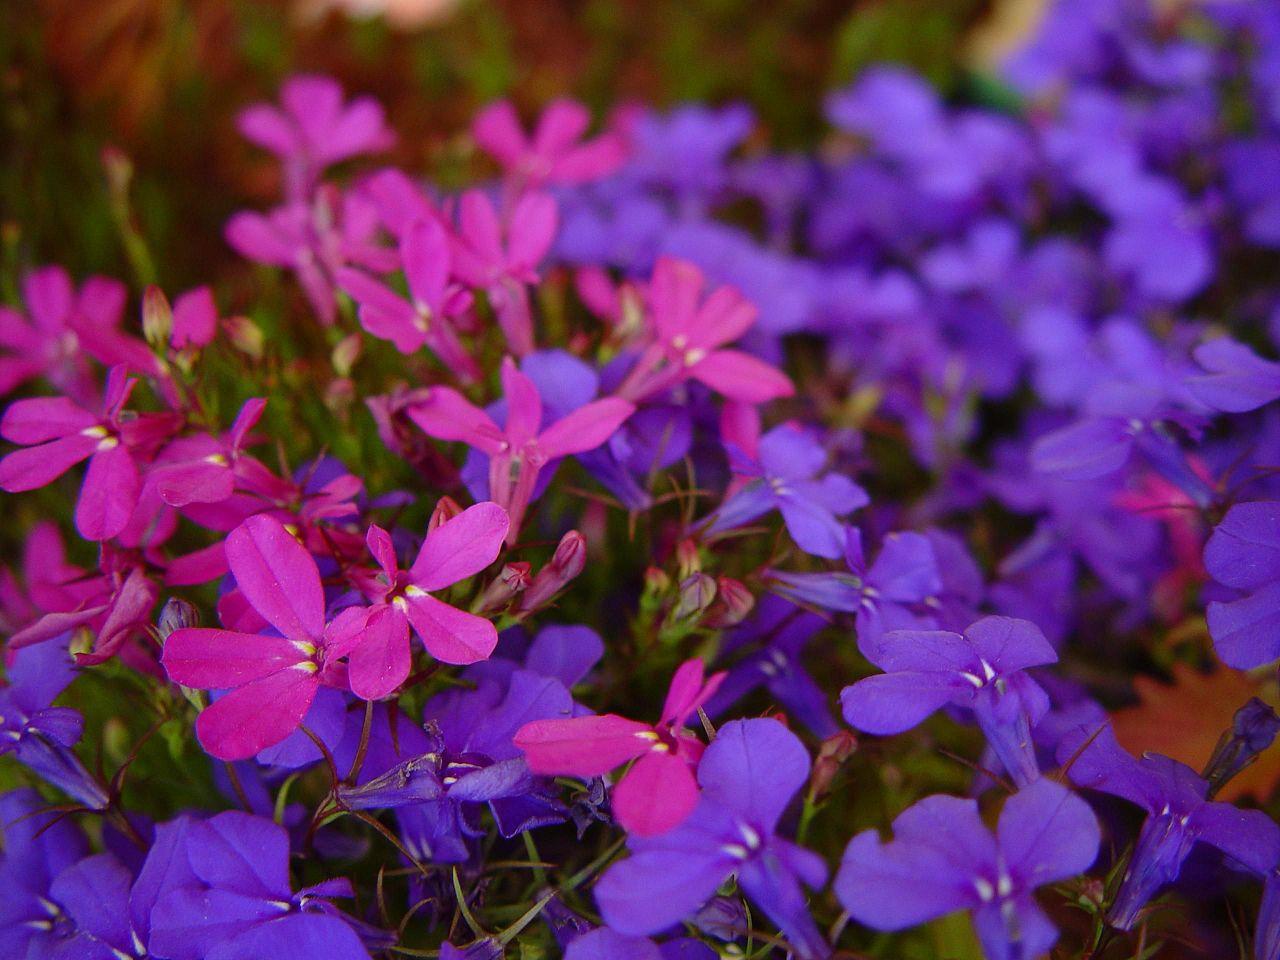 Fileblue And Purple Flowers Against Unfocused Purple Flowersg